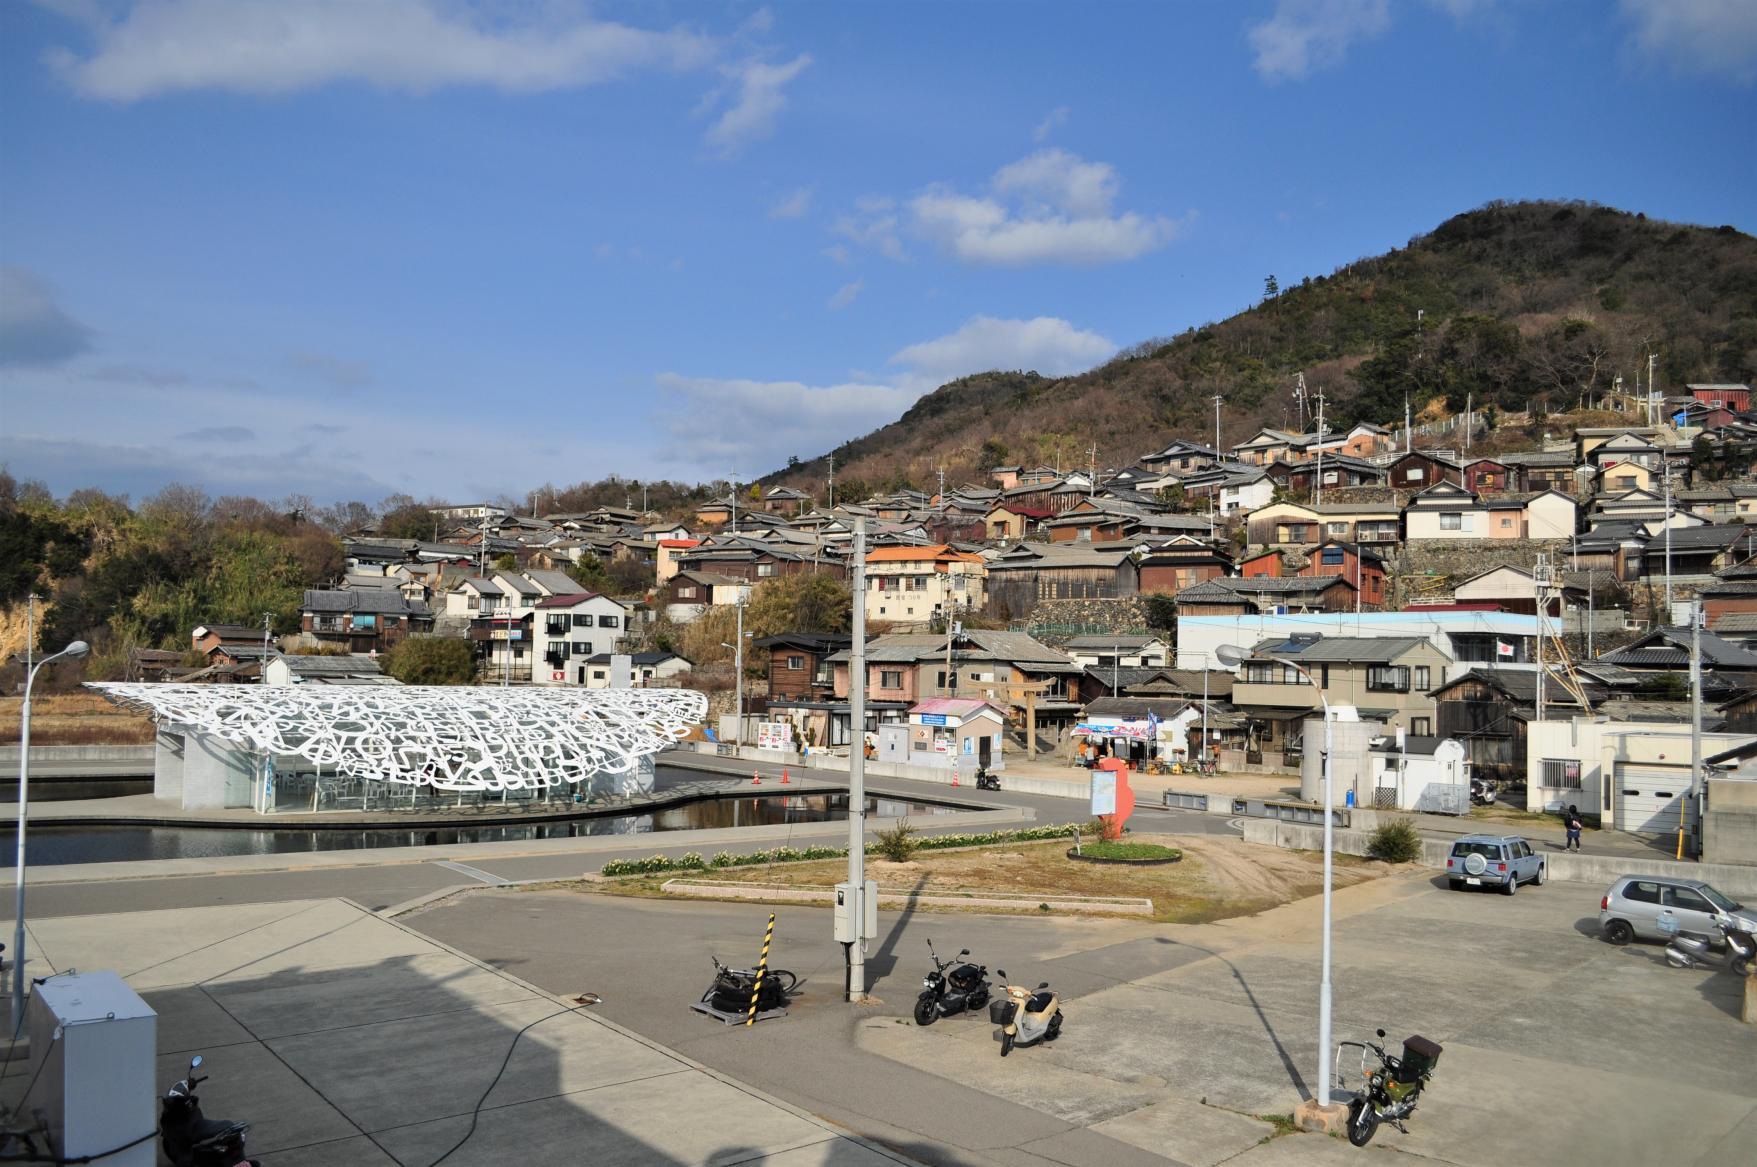 Ogijima: Labyrinthine Streets and Eye-catching Art-2